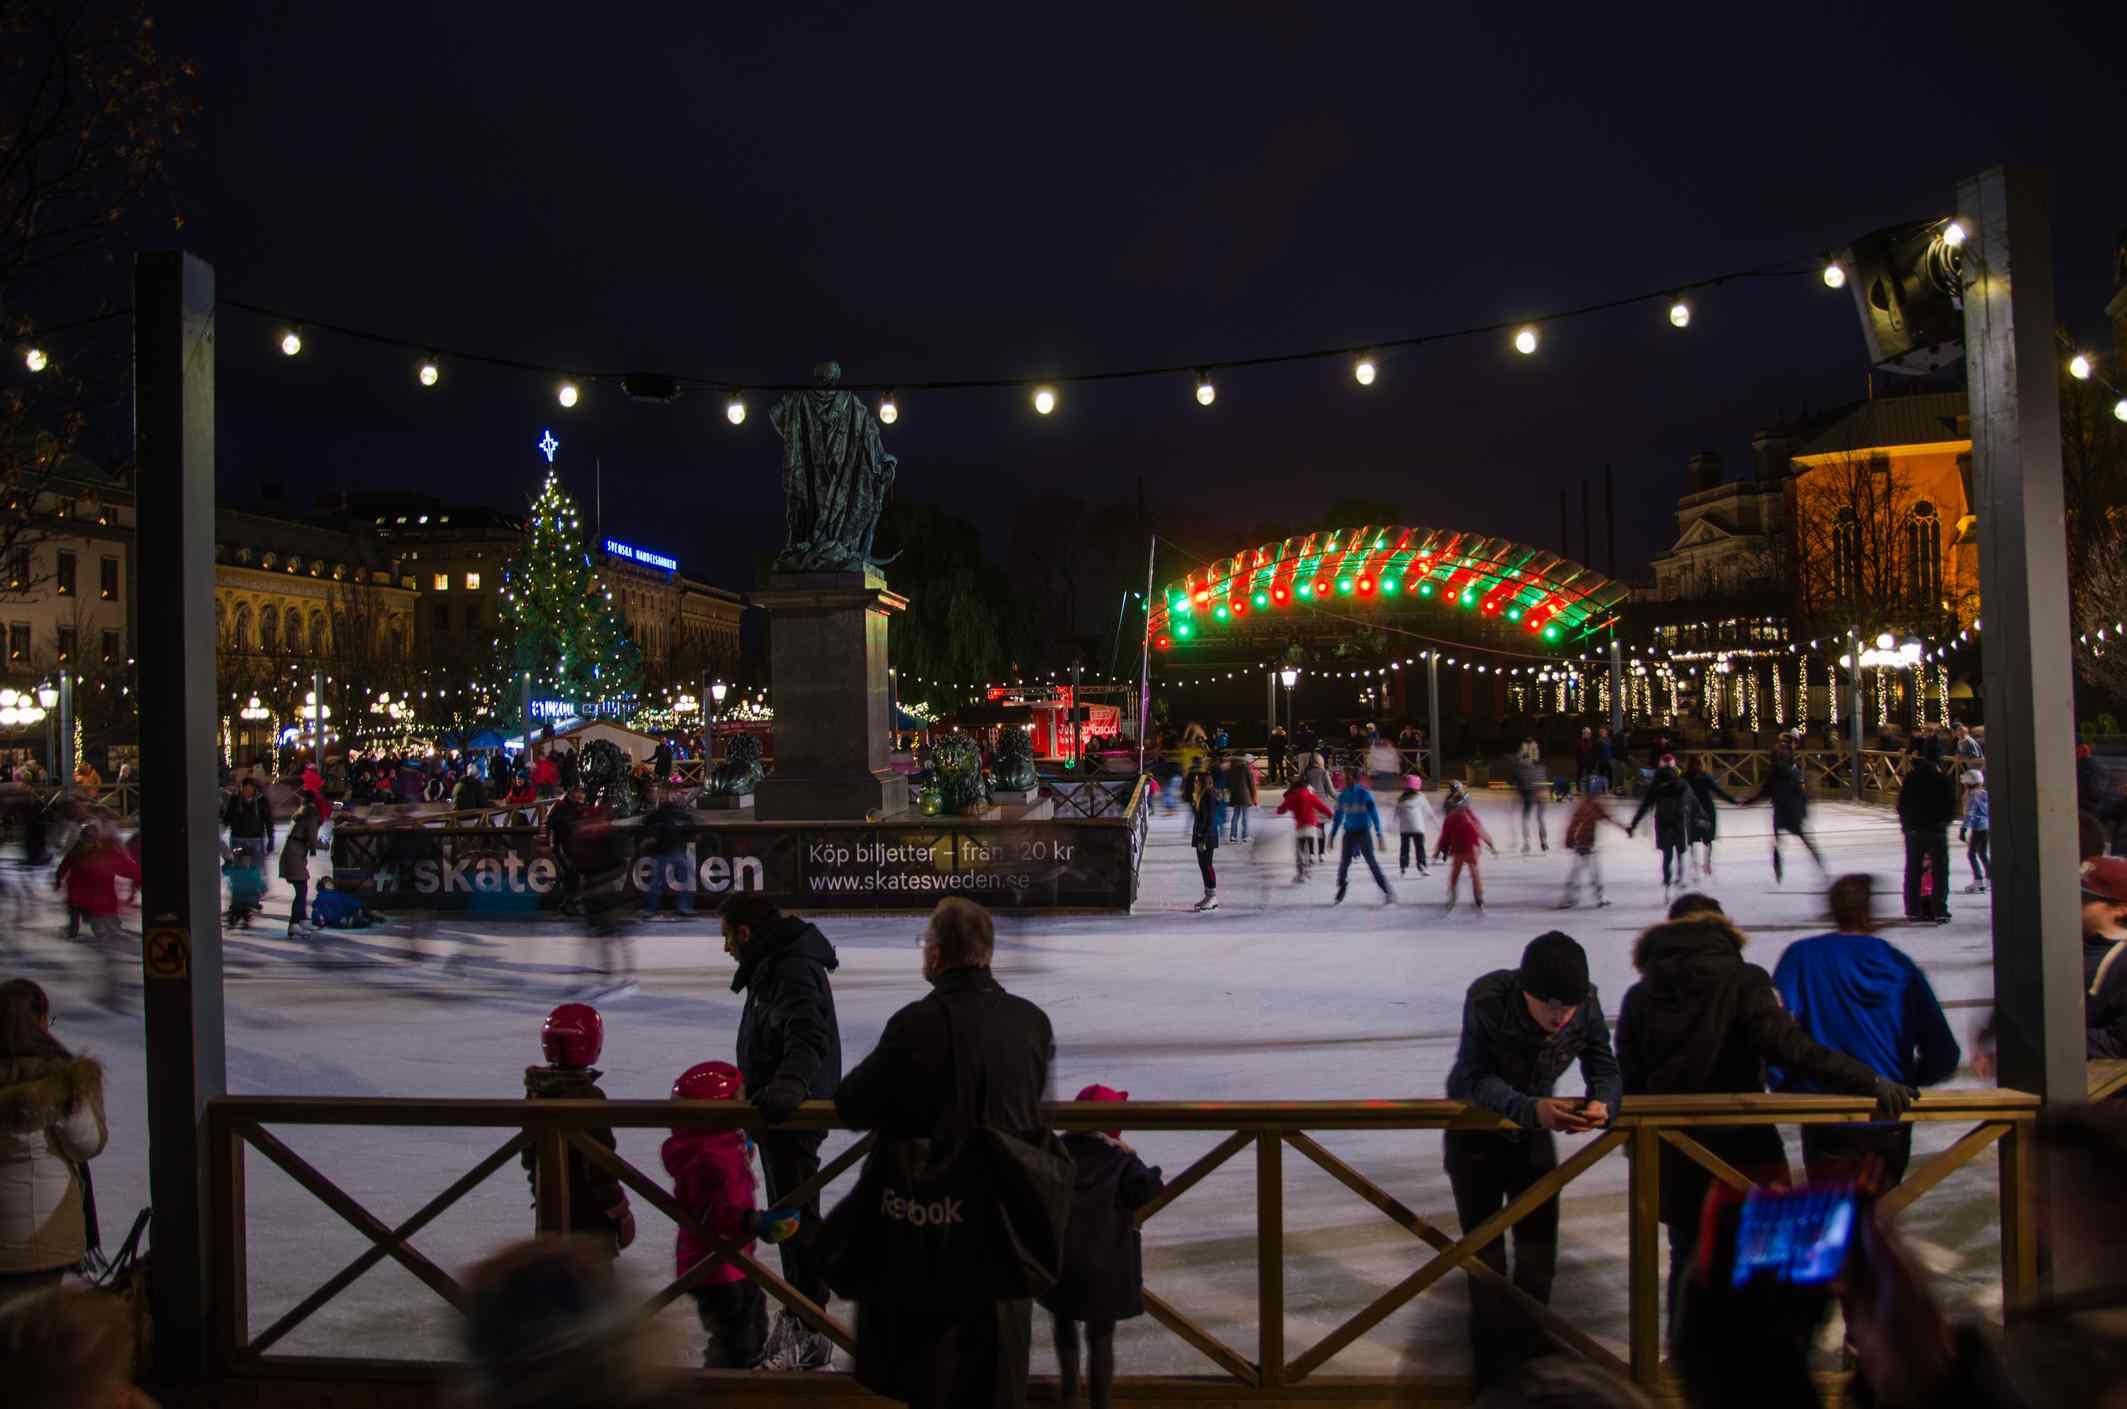 Ice skating park in Stockholm